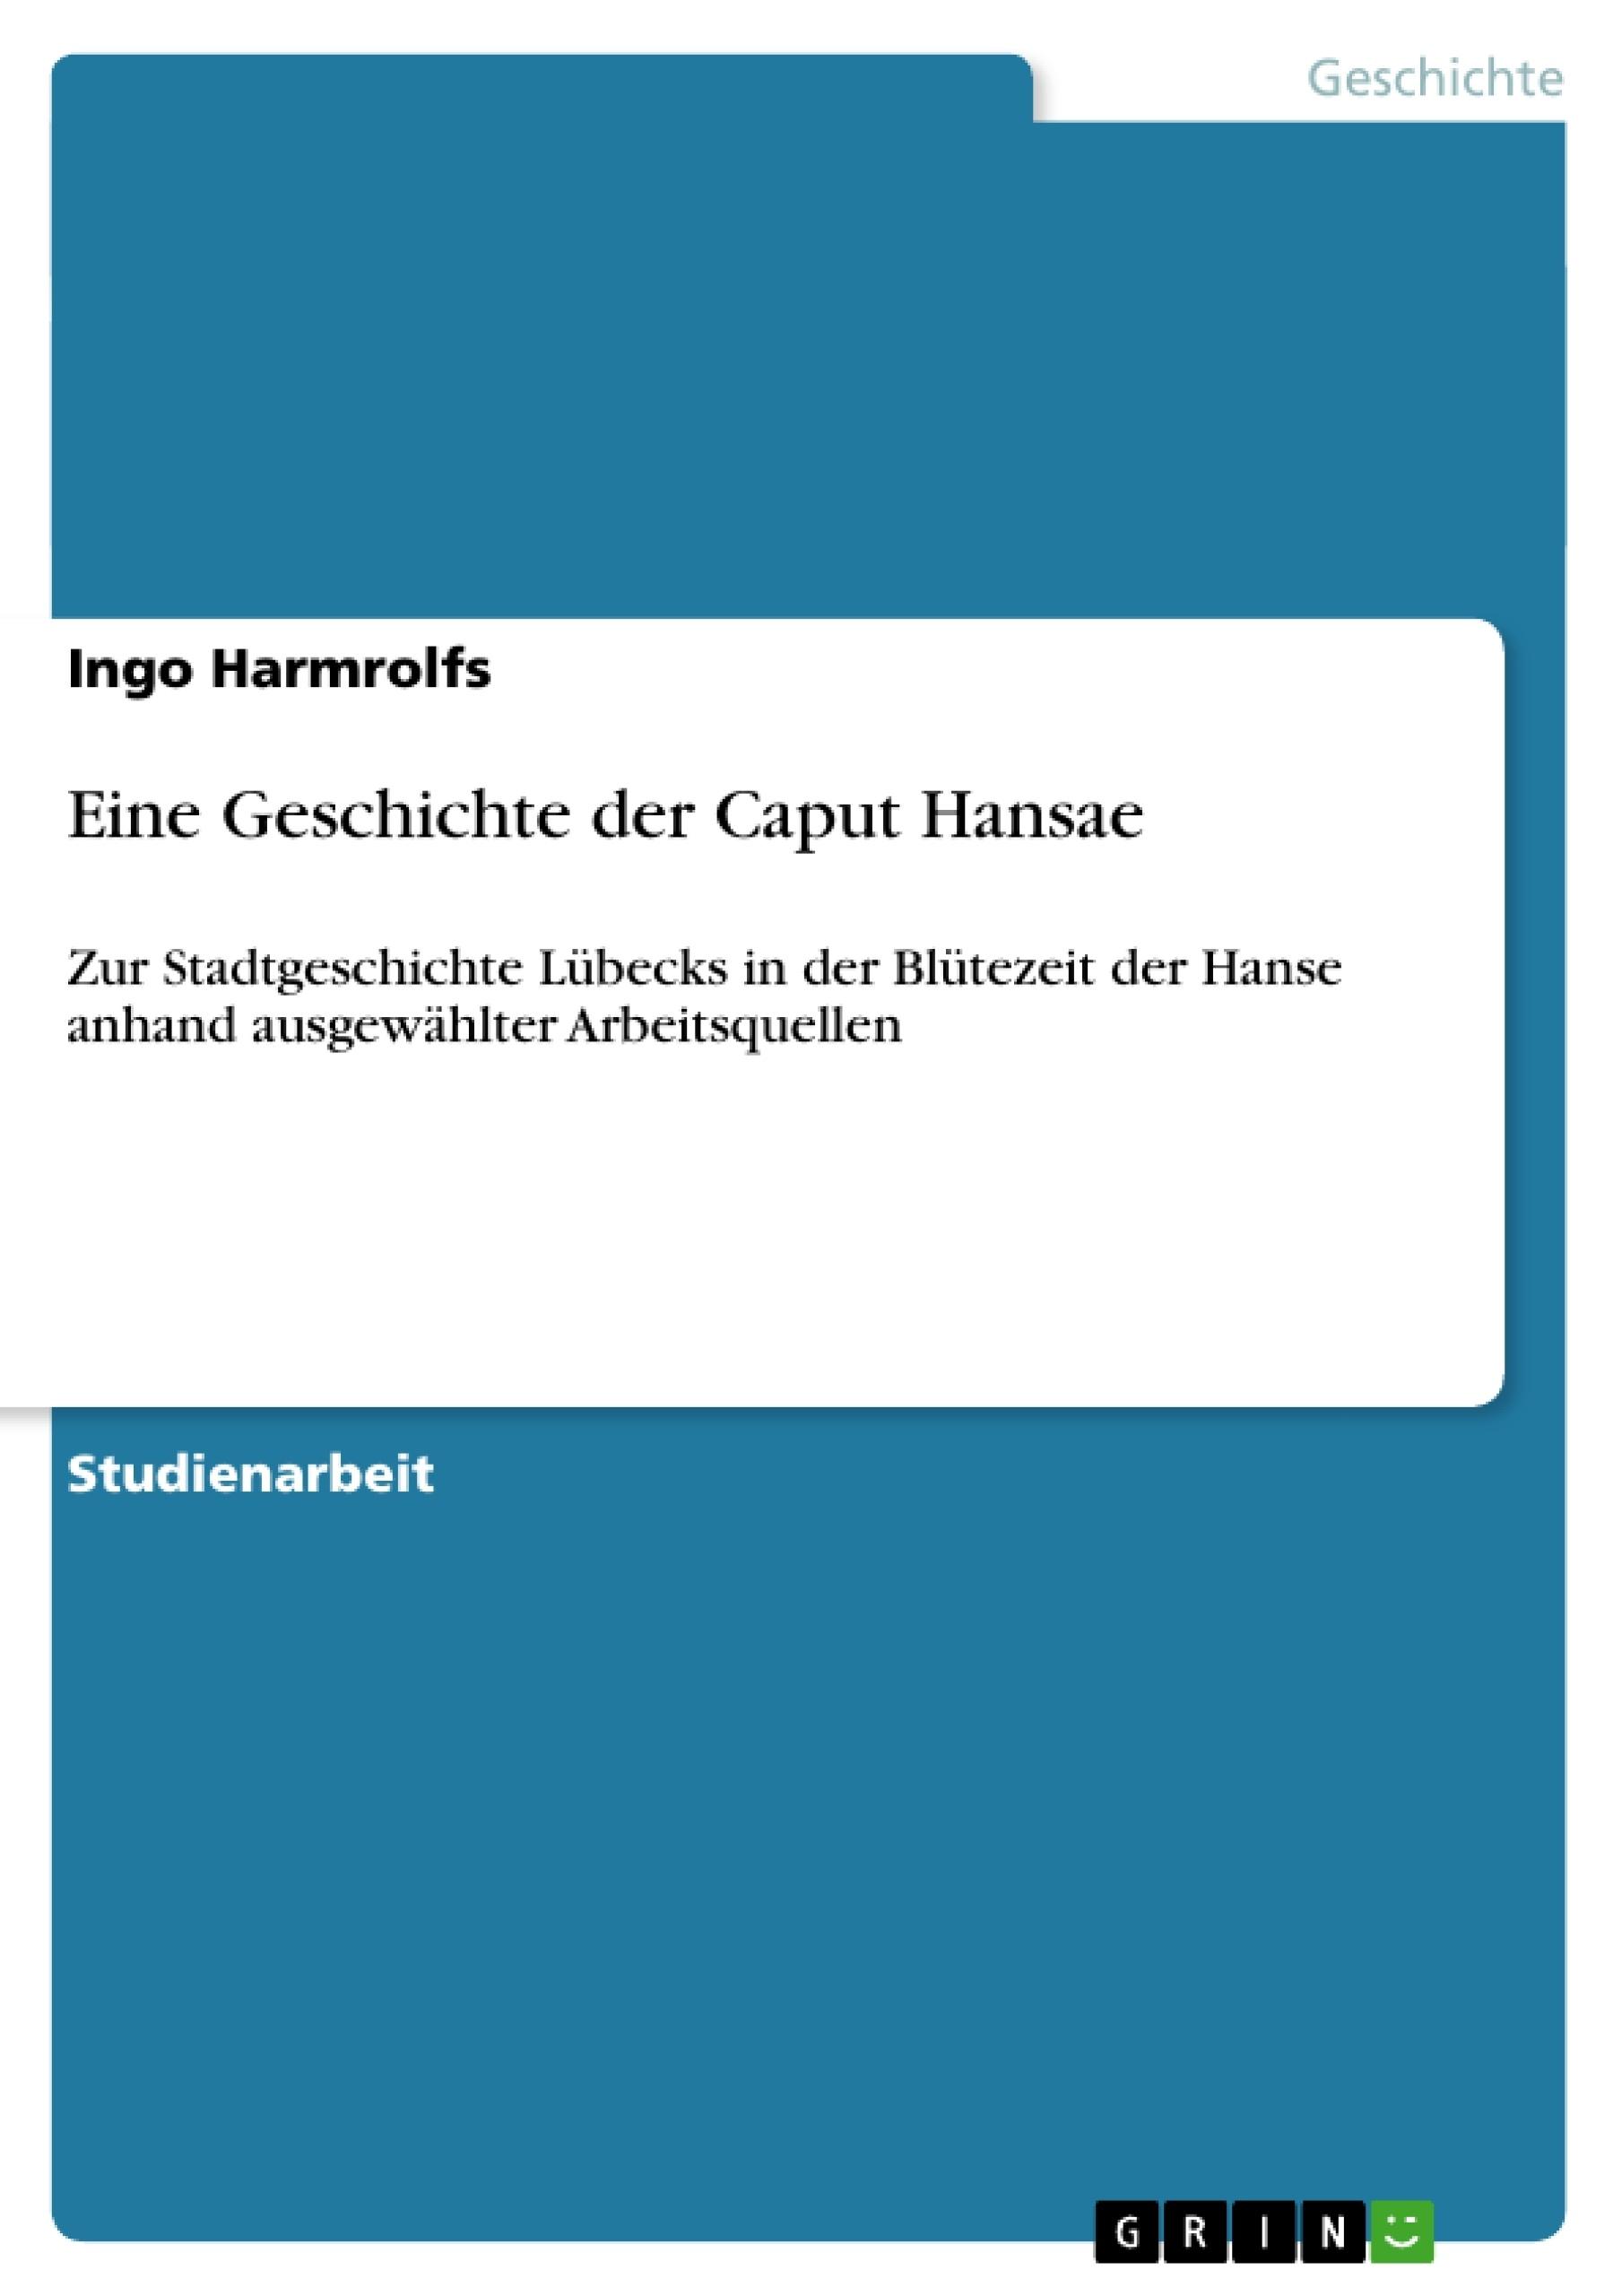 Titel: Eine Geschichte der Caput Hansae